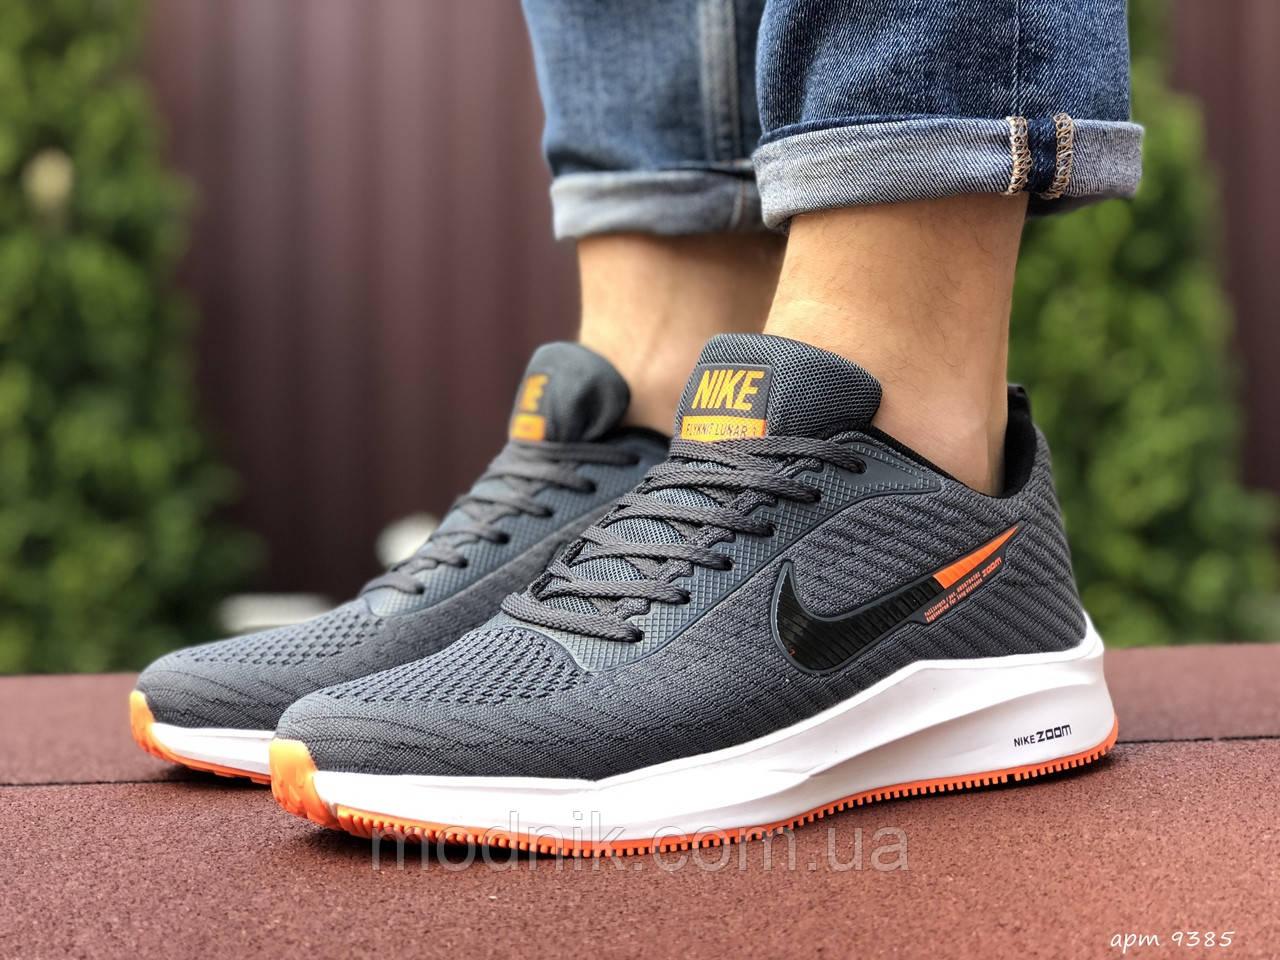 Мужские кроссовки Nike Flyknit Lunar 3 (серо-белые с оранжевым) 9385